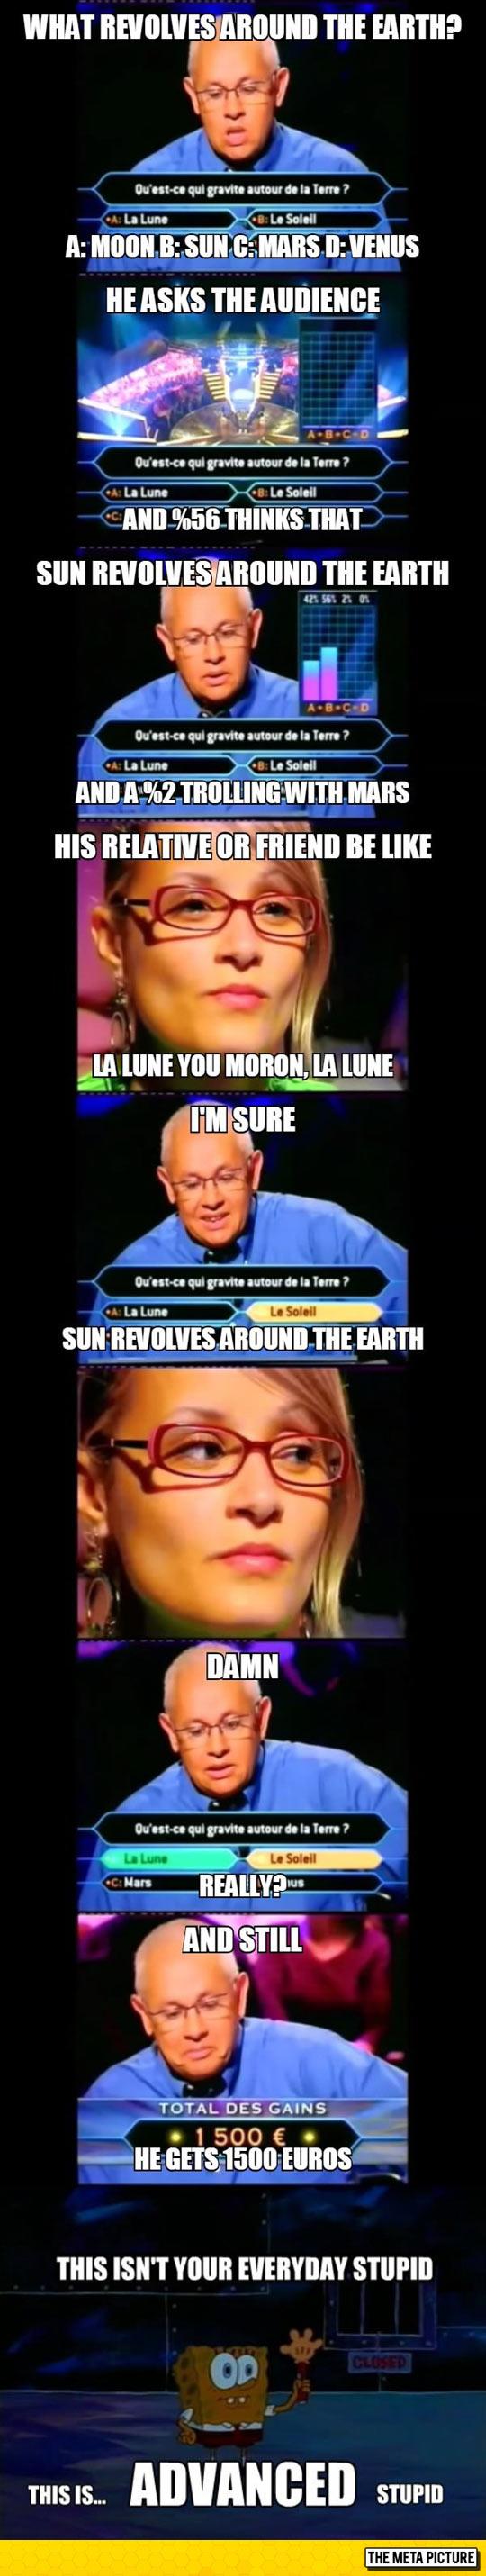 funny-contestant-TV-show-dumb